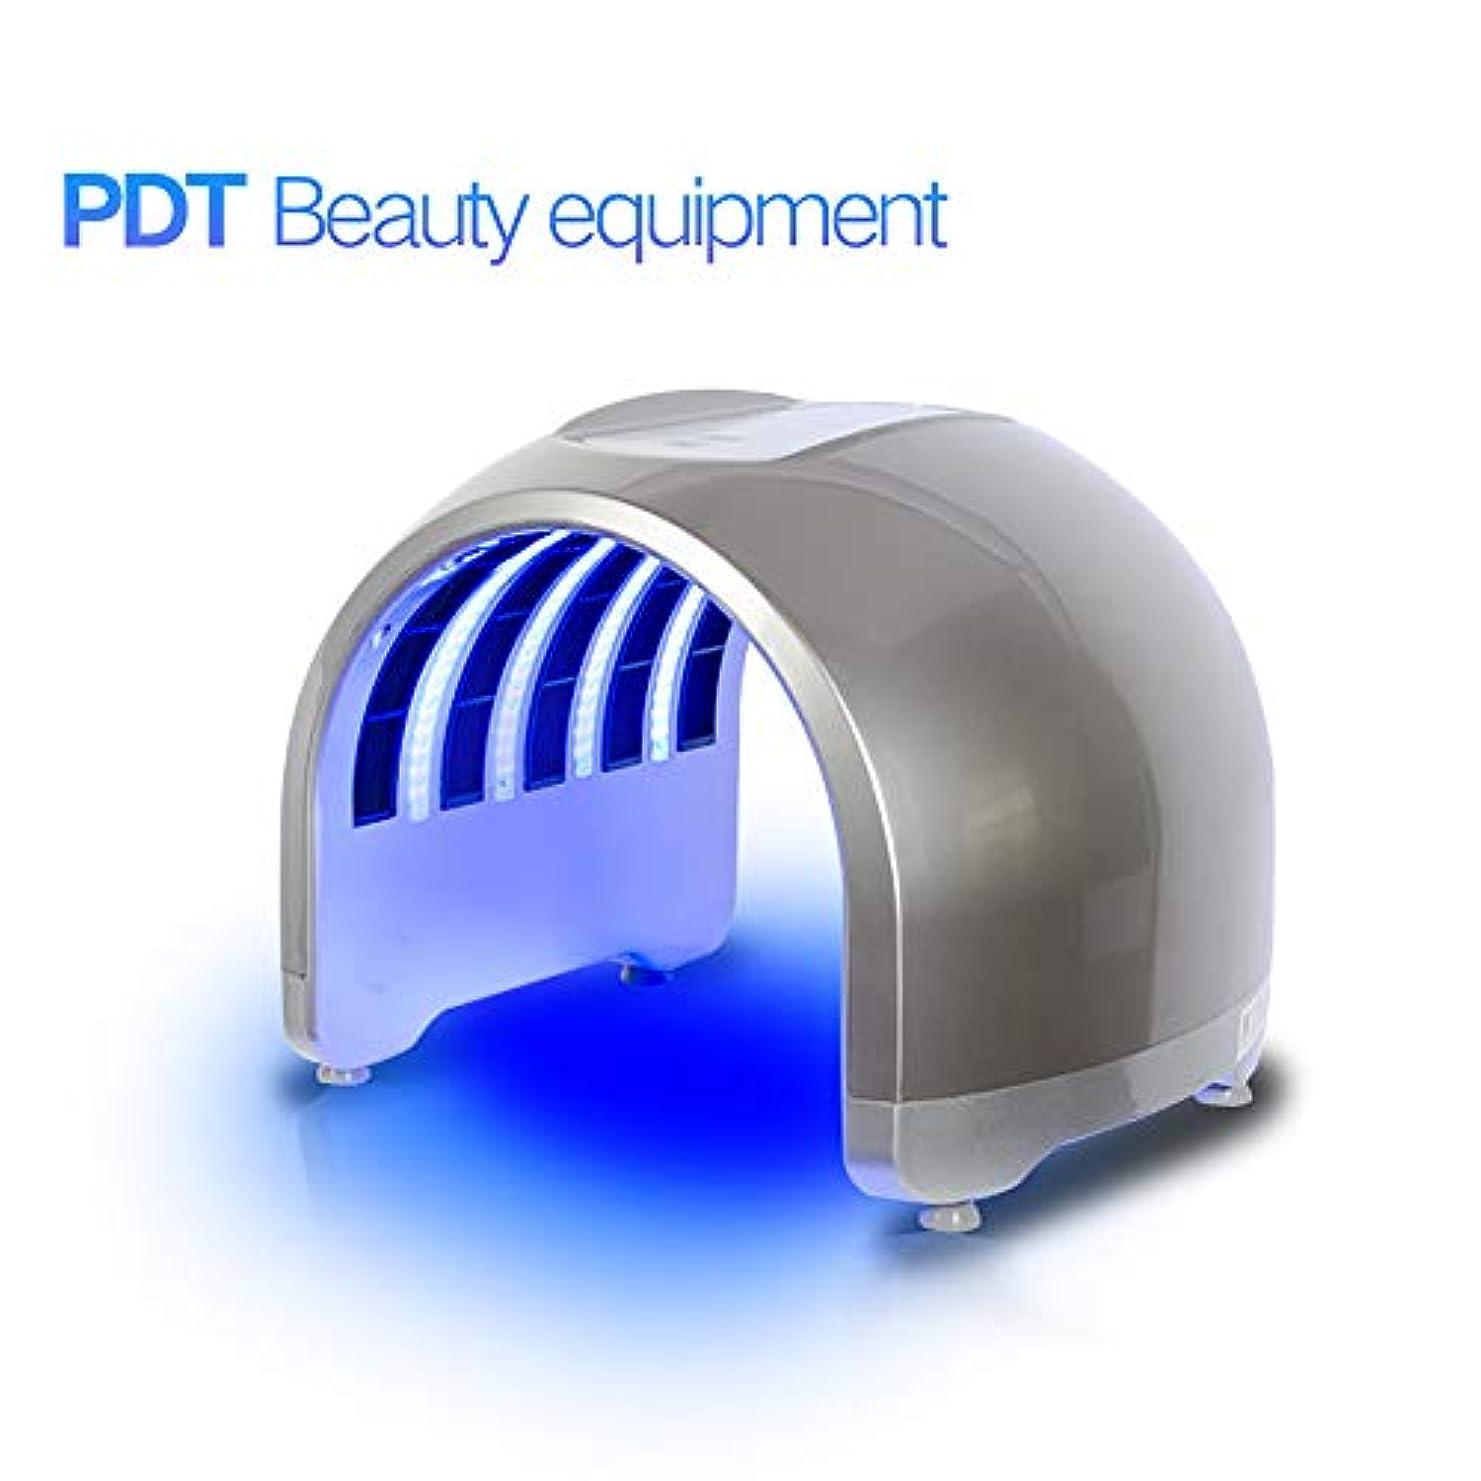 関係する暗唱する割り当てます4色PDT LEDライト療法機械-顔首ボディのための反老化のスキンケア用具